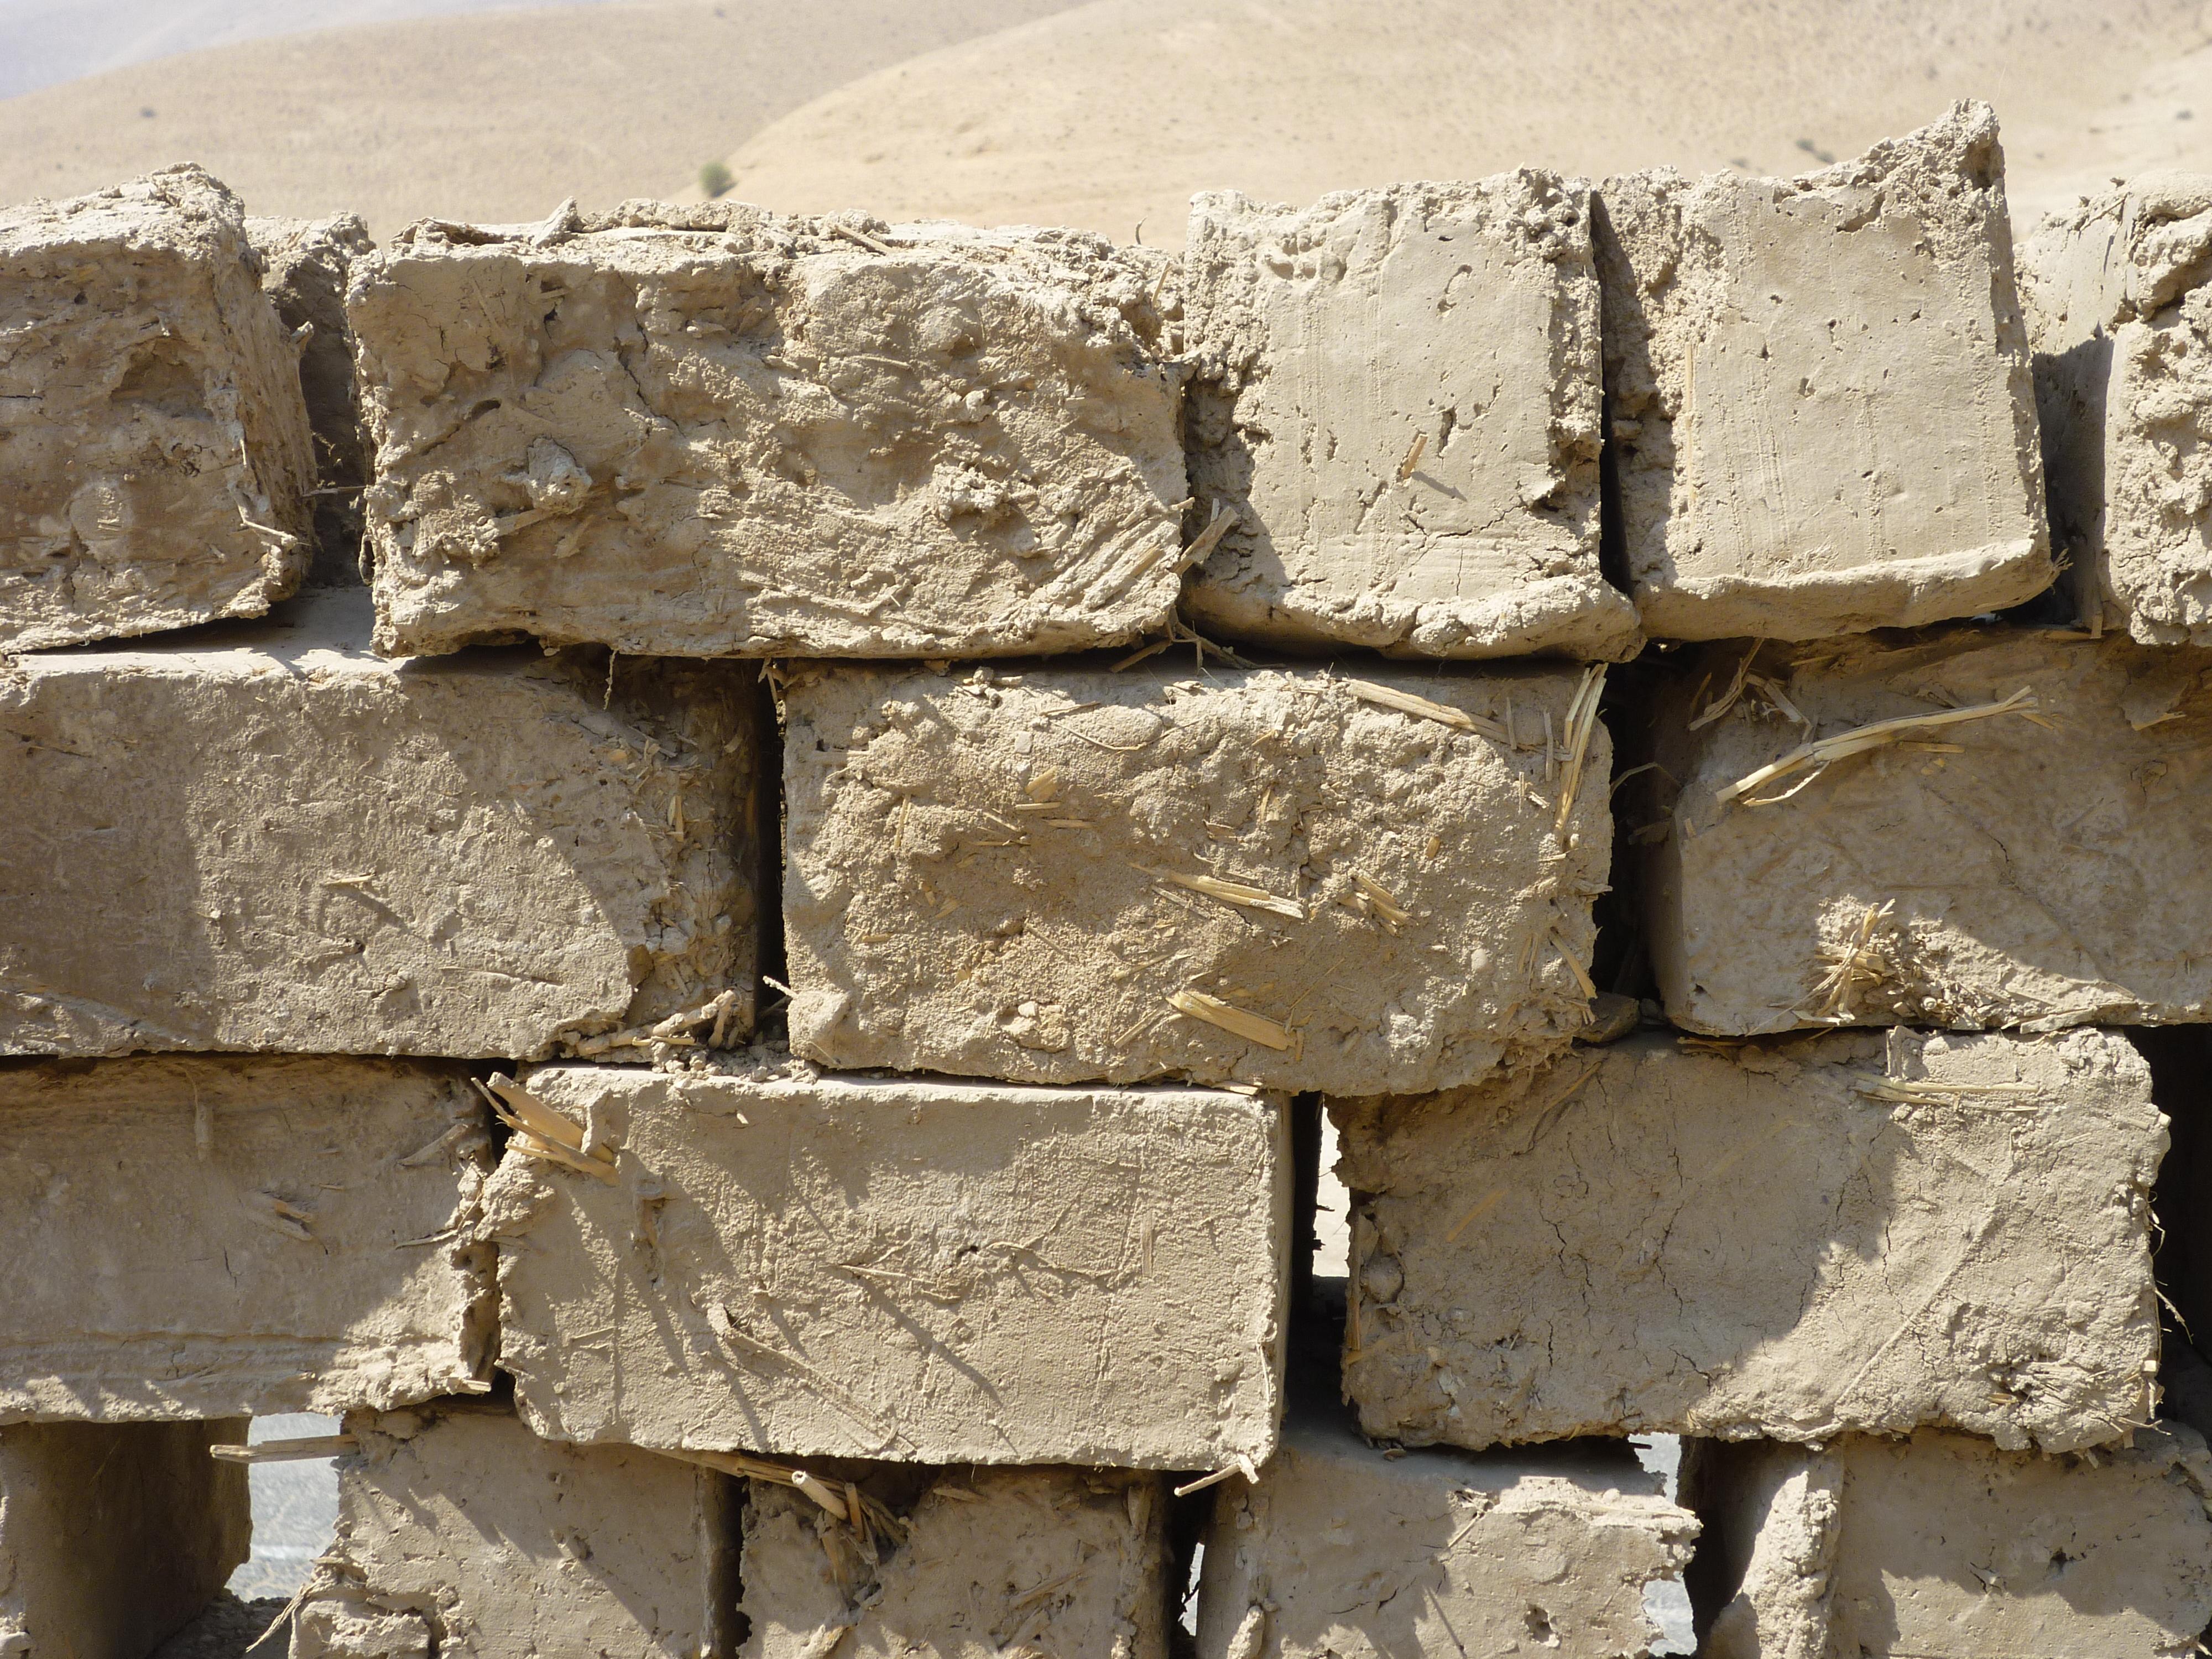 Mudbricks_in_Palestine_2011